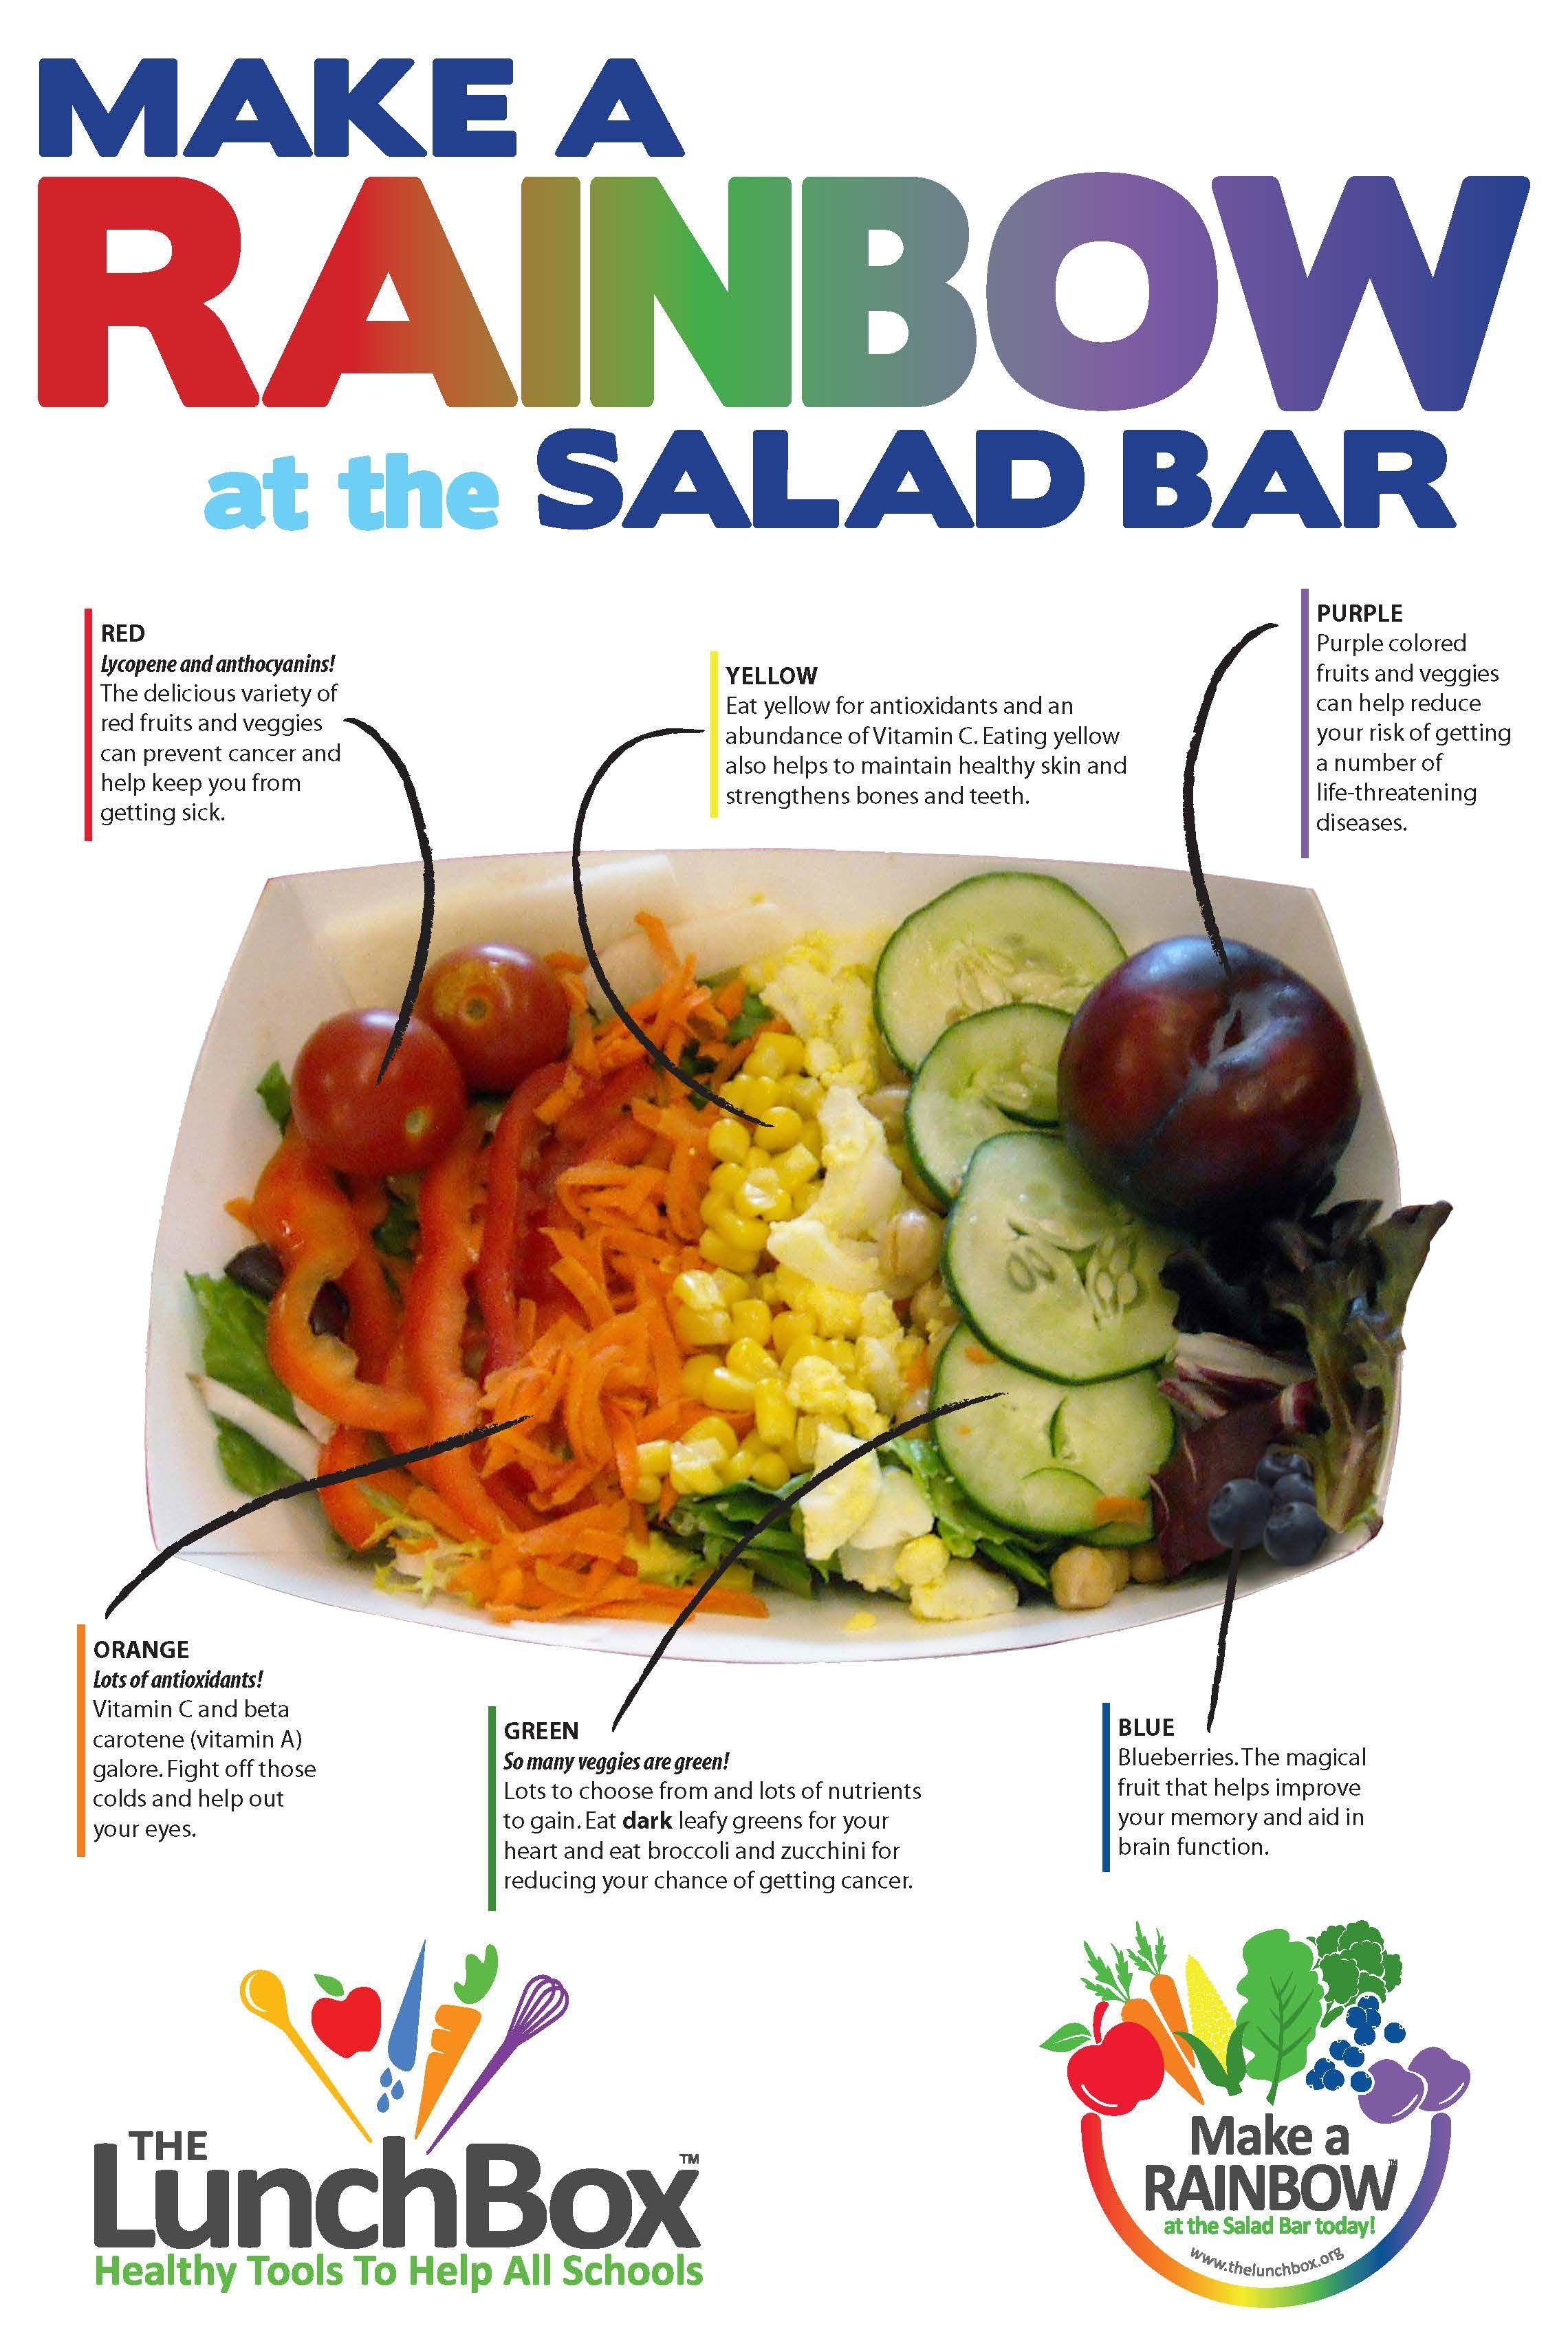 Make A Rainbow At The Salad Bar